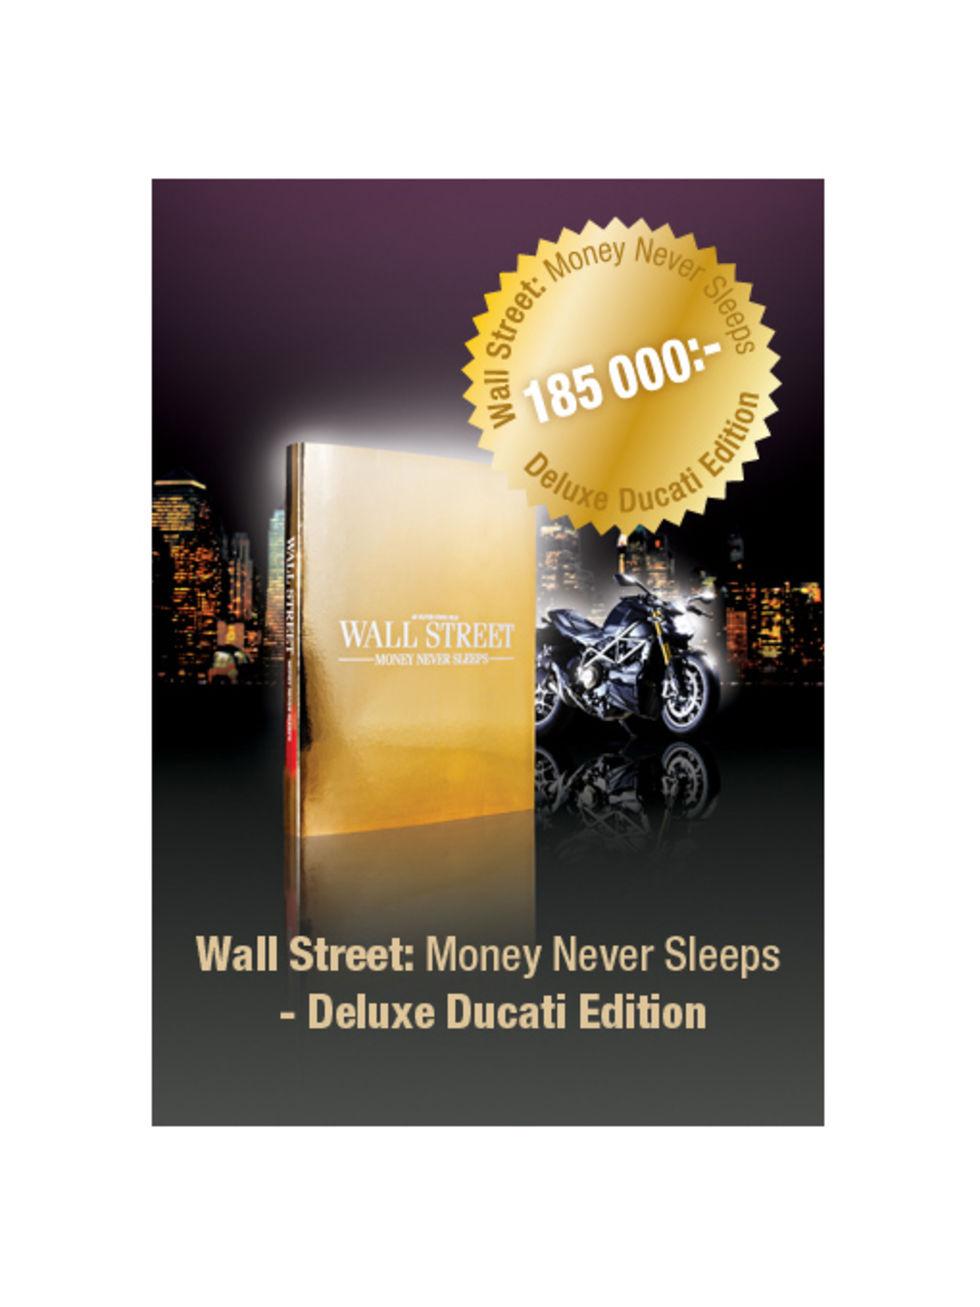 Köp Wall Street på Blu-ray - få en Ducati på köpet!